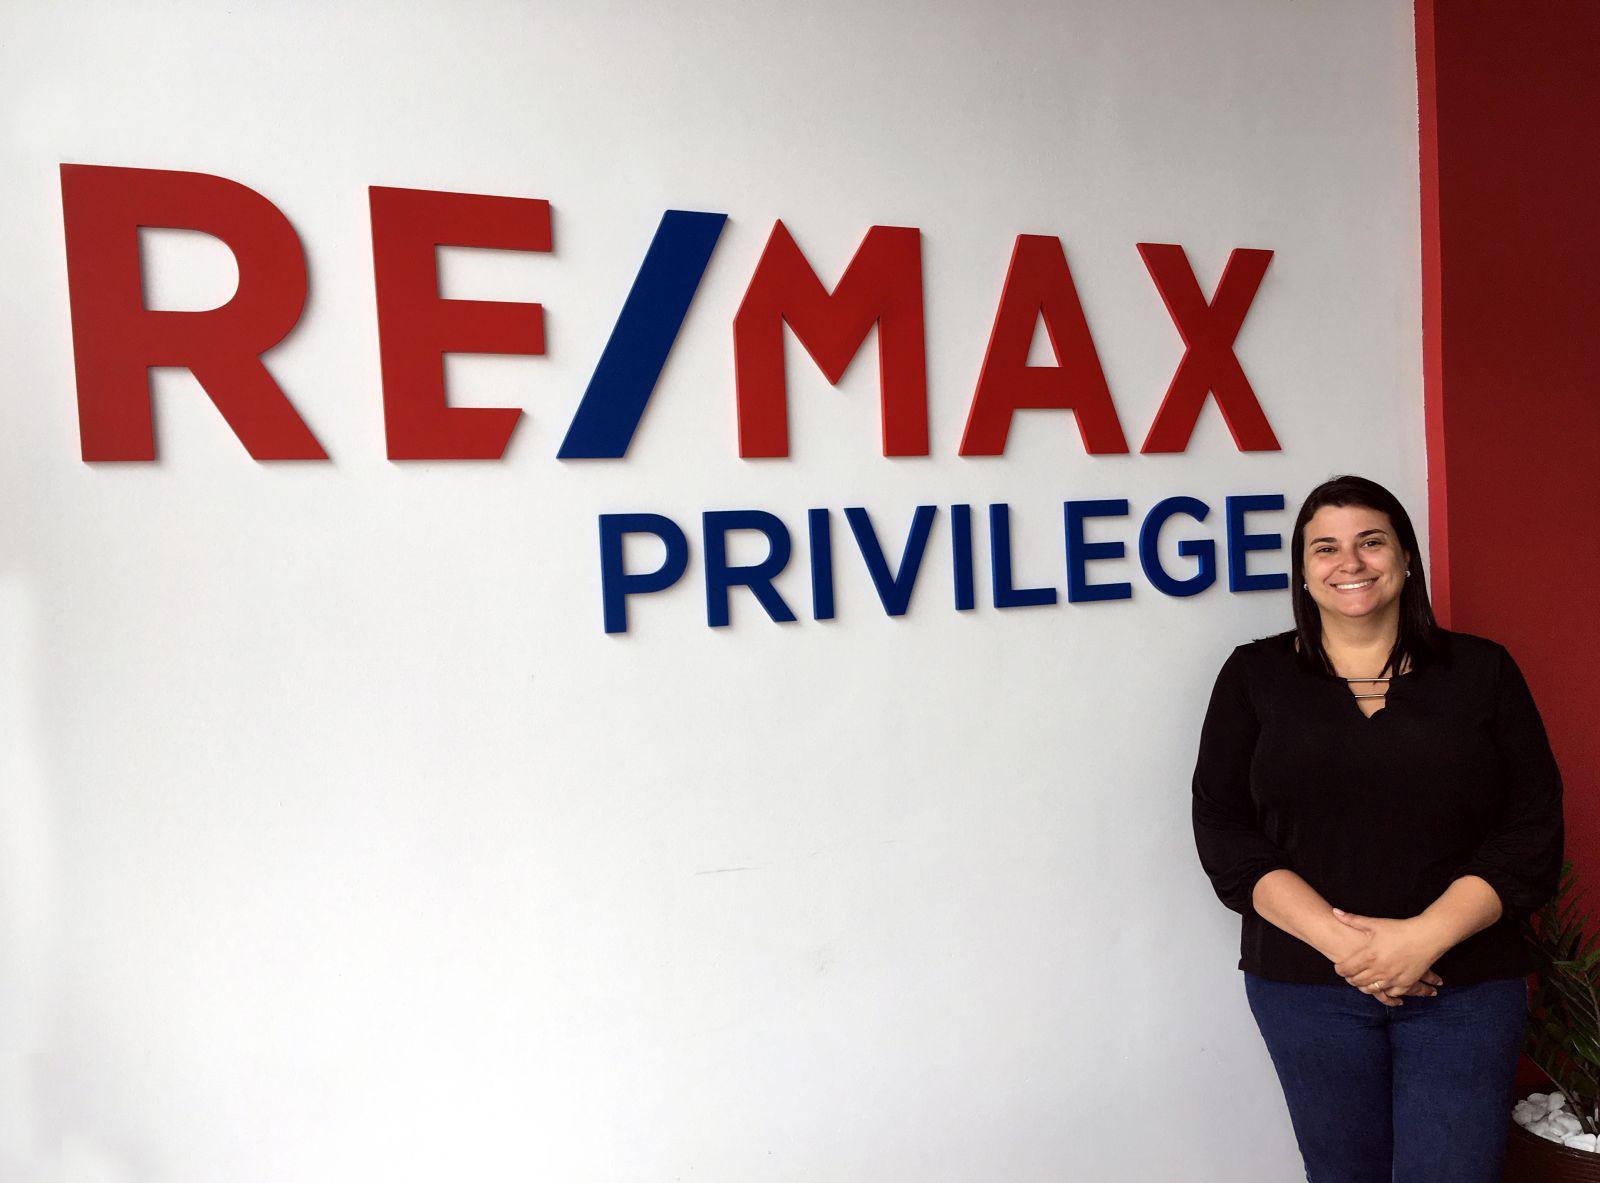 Ainda não conhece a RE/MAX Privilege?